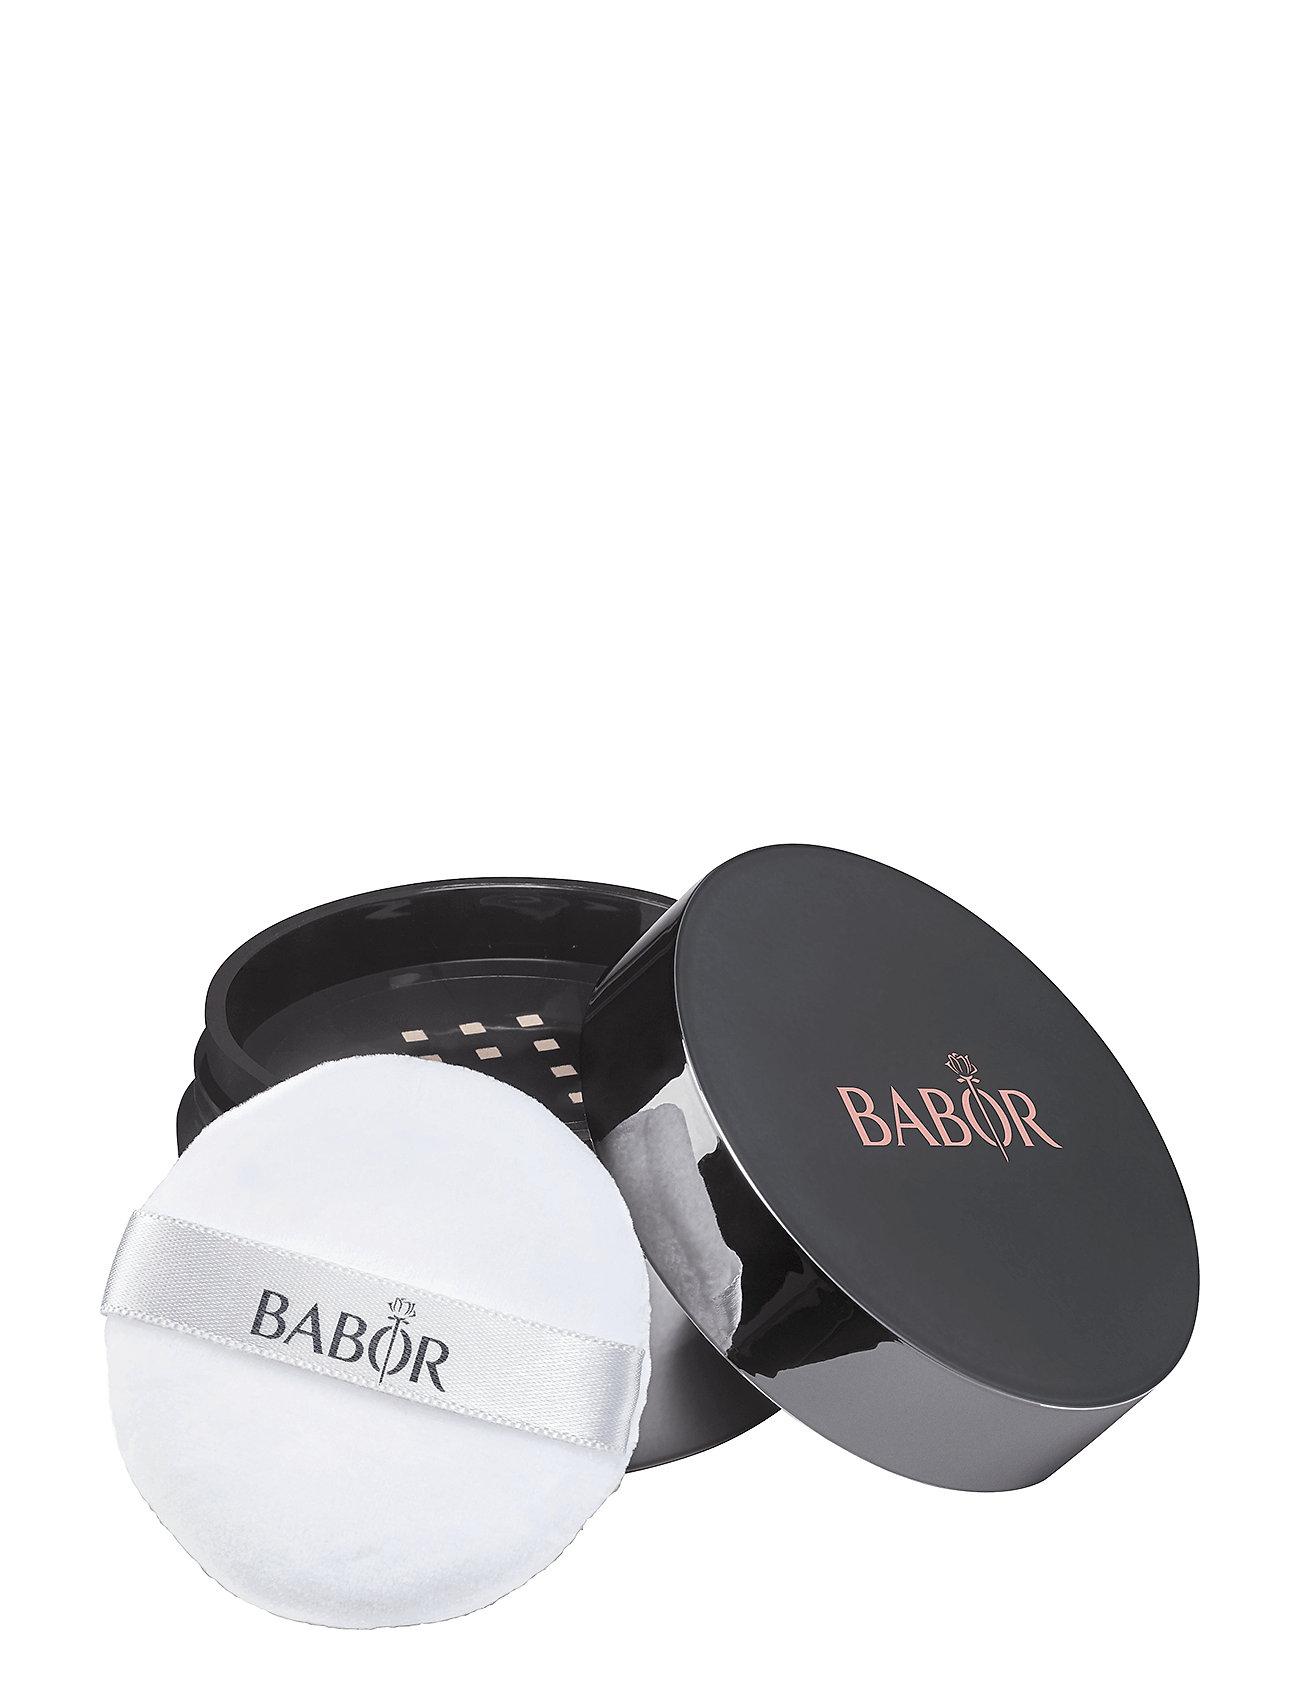 Babor Mineral Powder Foundation 01 light - 01 LIGHT